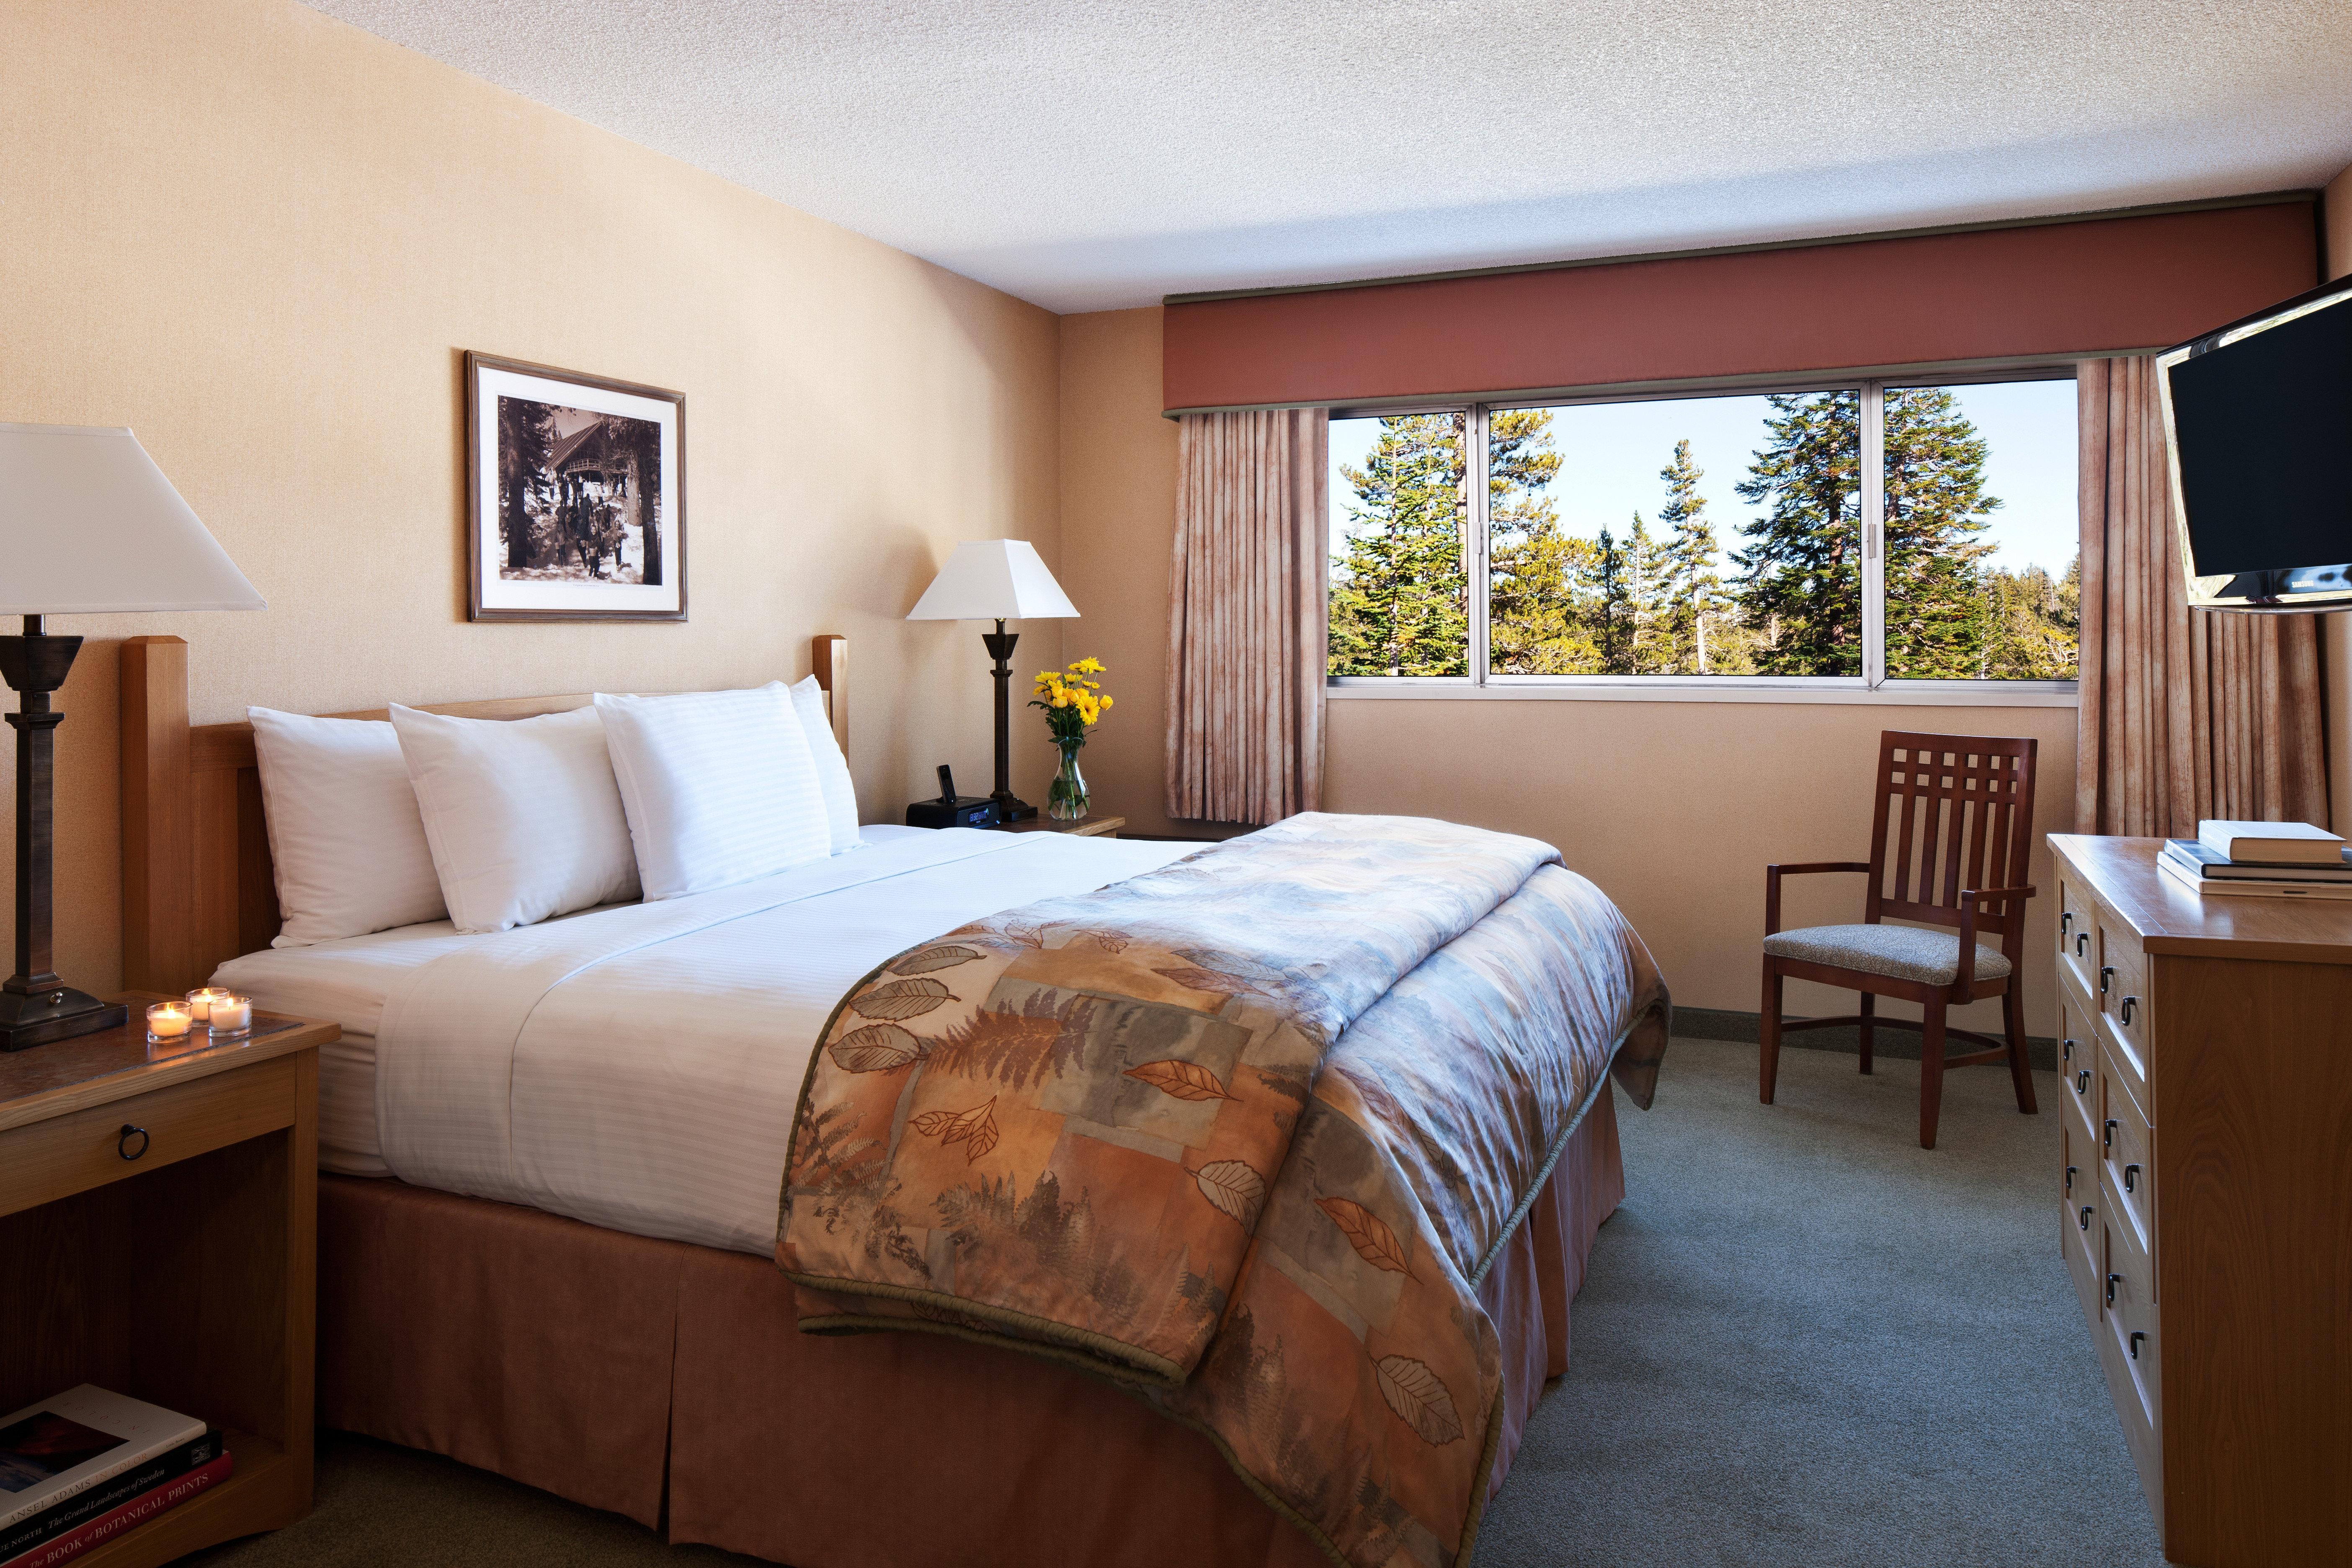 sofa property Bedroom home cottage Suite Villa living room